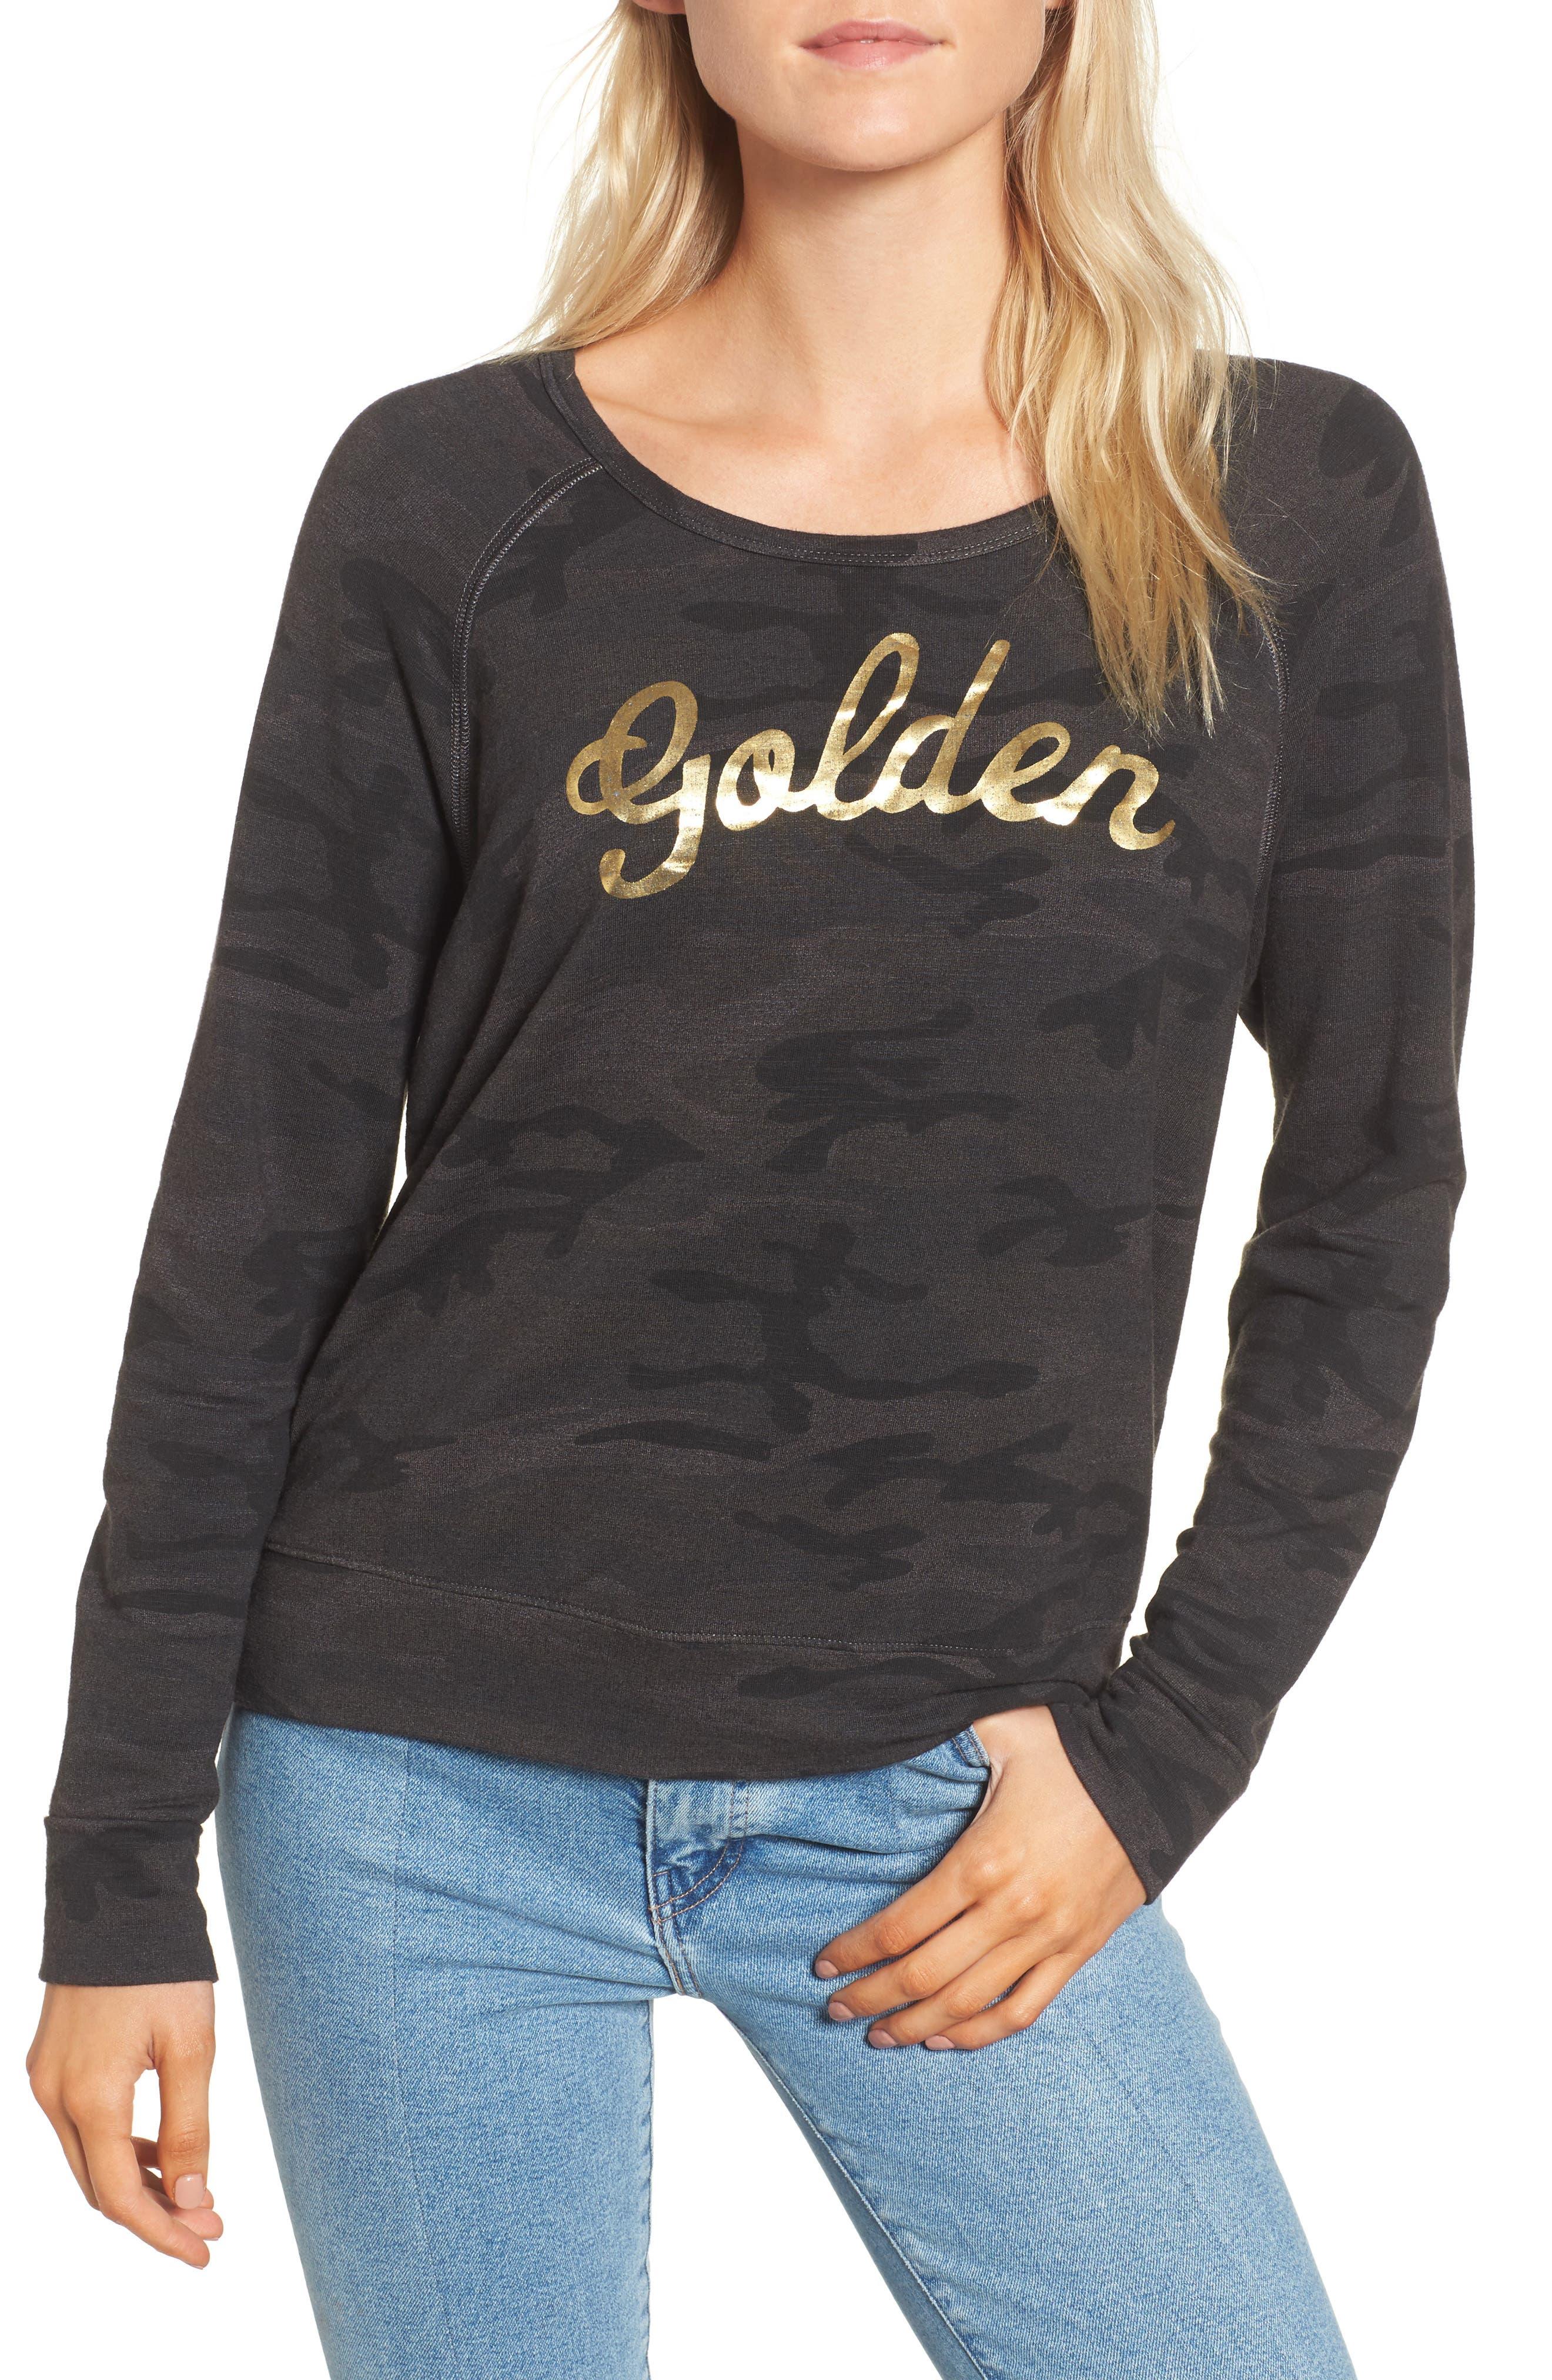 Active Golden Sweatshirt,                         Main,                         color, Charcoal